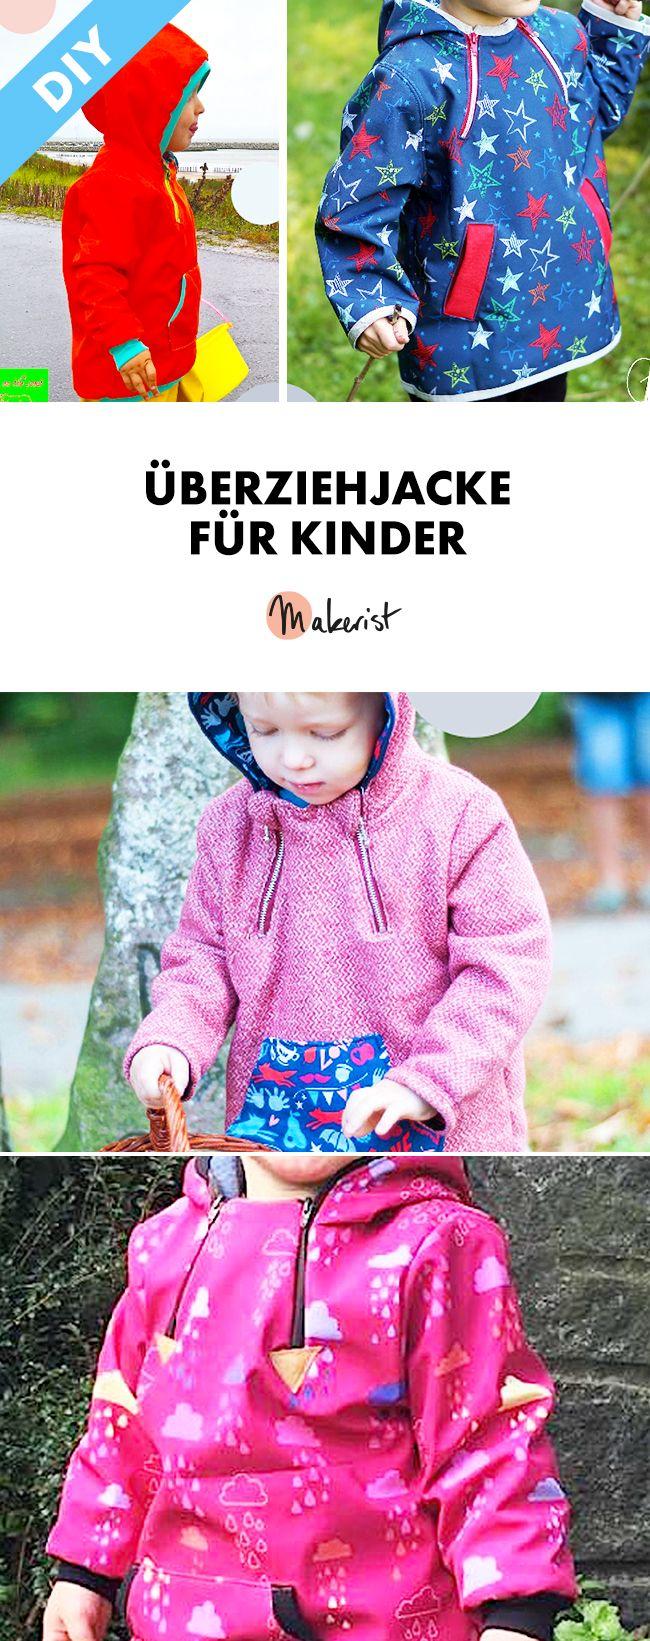 Schlupfjacke mit Kapuze für Kinder - Nähanleitung und Schnittmuster via Makerist.de